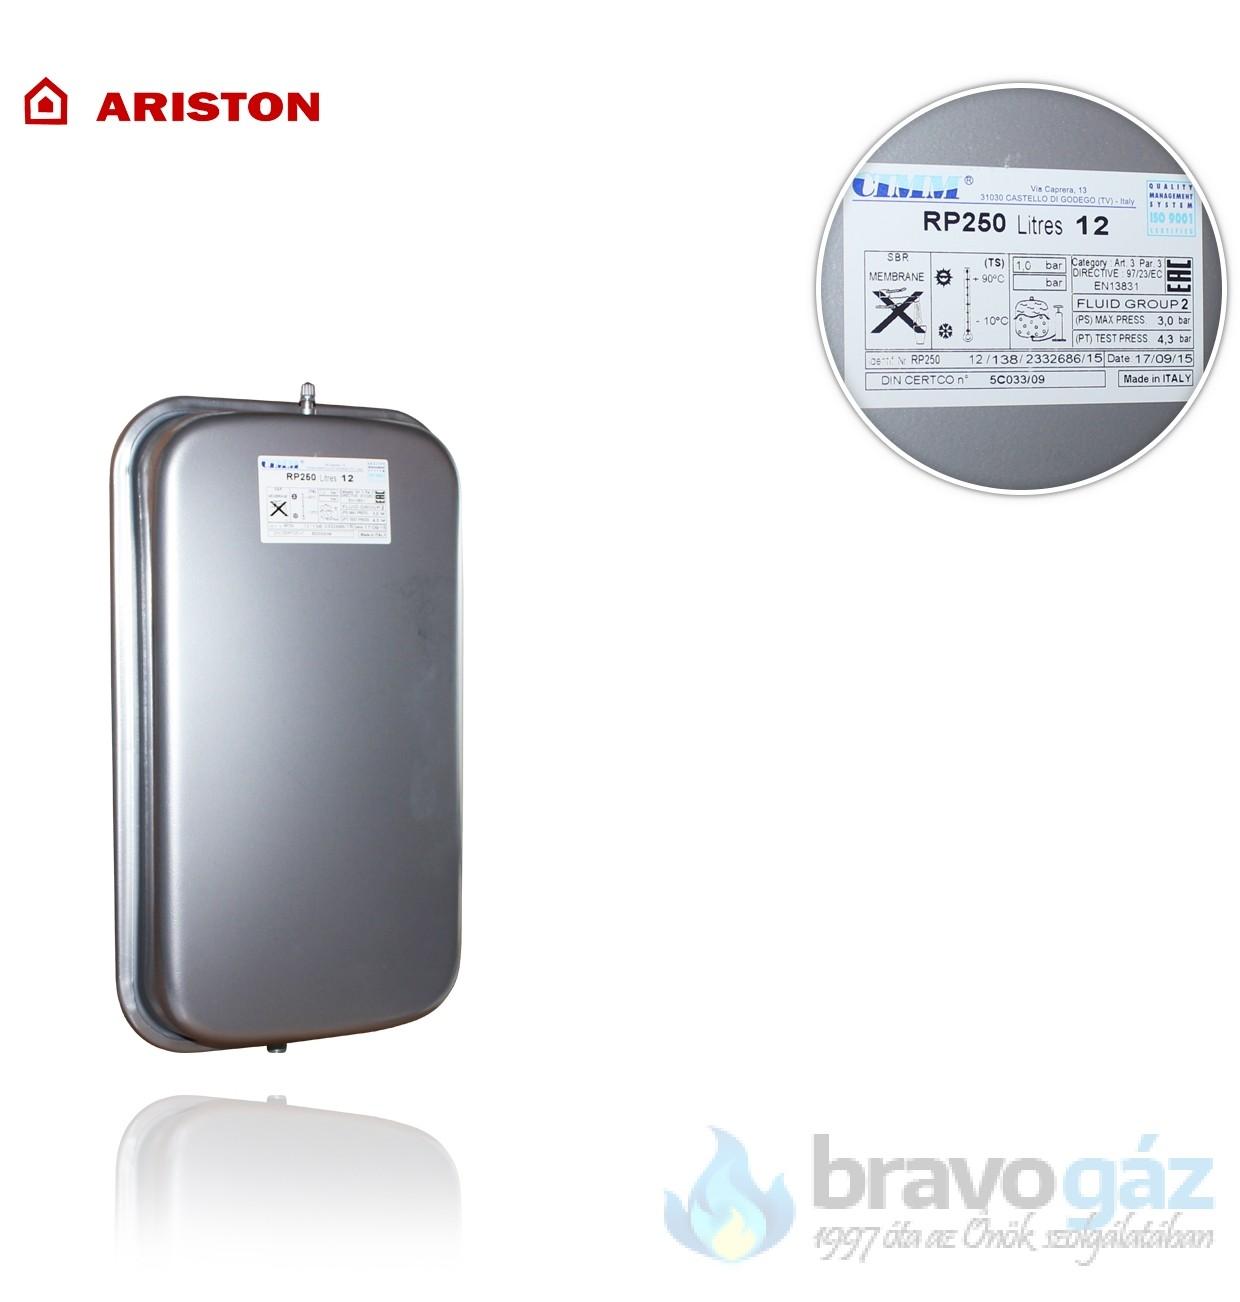 Ariston Tágulási tartály - 60001243